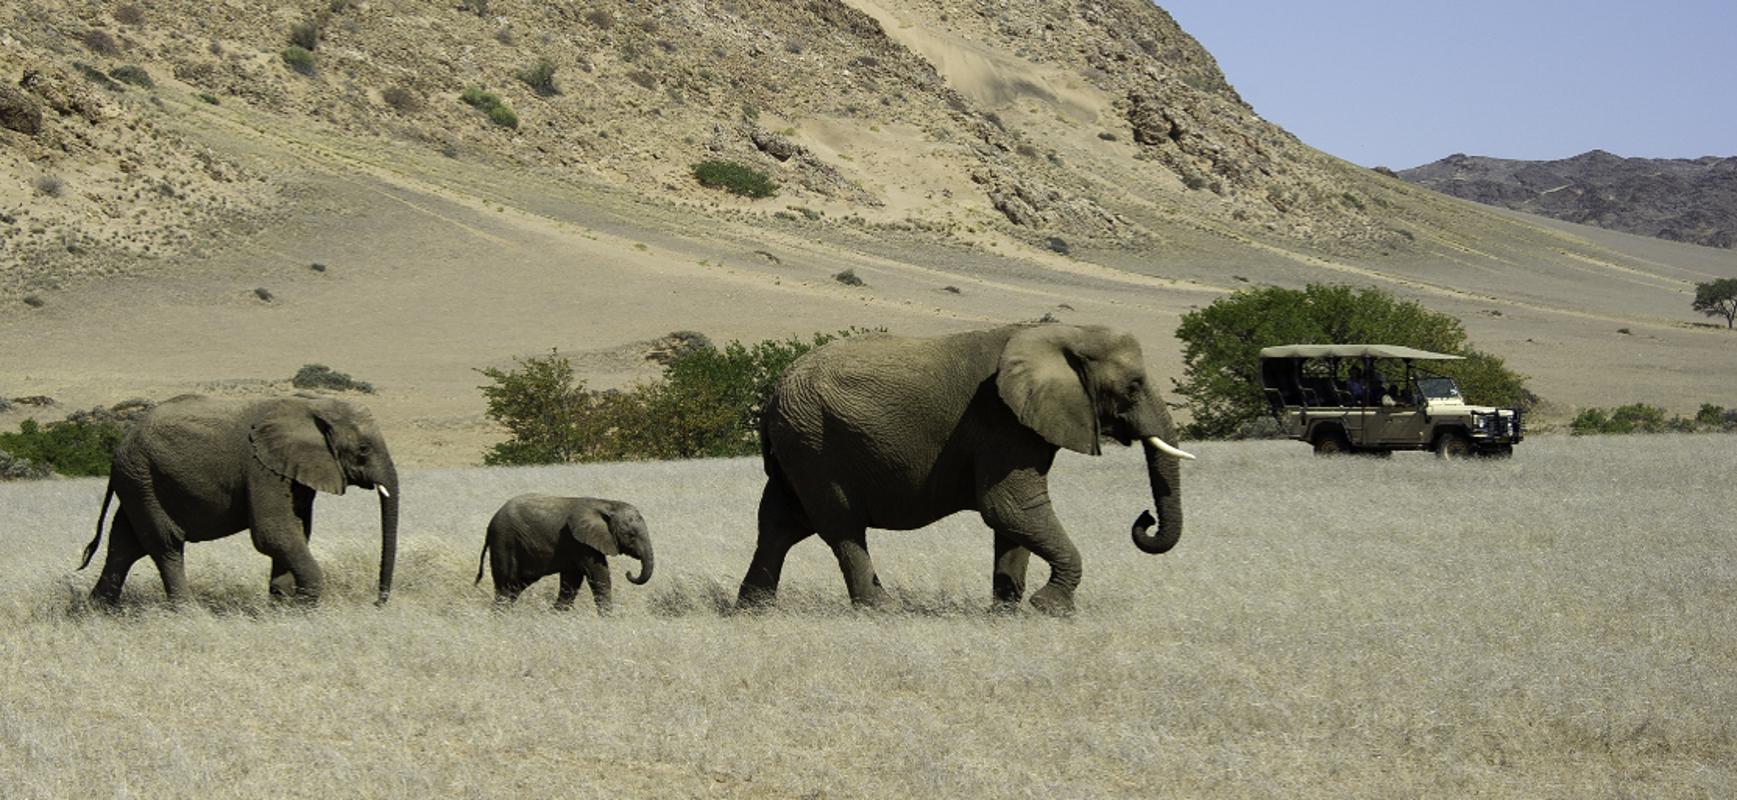 Tours to Namibia